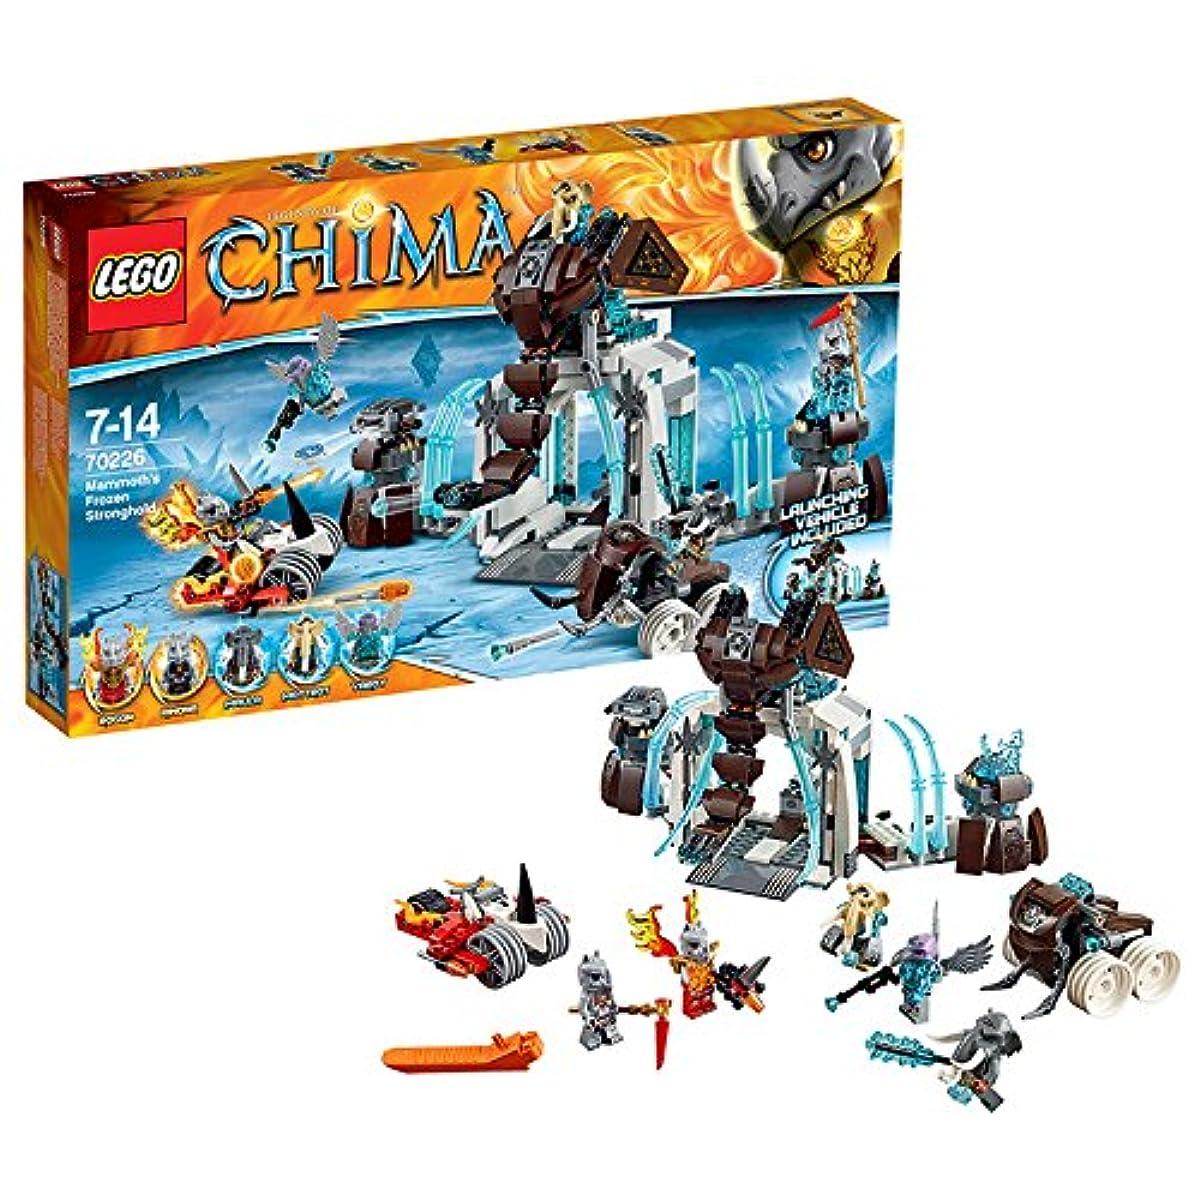 [해외] 레고 (LEGO) 찌마 맘모스족의 아이스 요새 70226-70226 (2015-06-05)